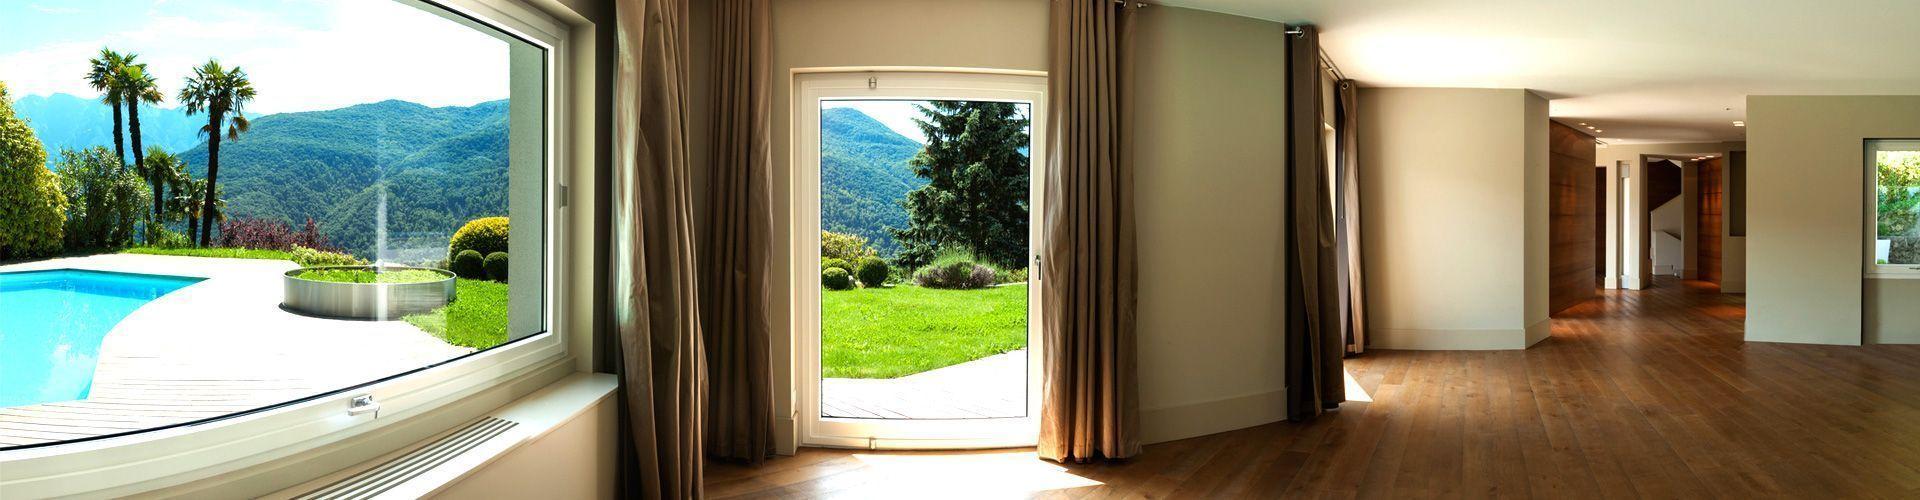 Inicio slide-cierres-ventanas-carpintería-aluminio-general-1